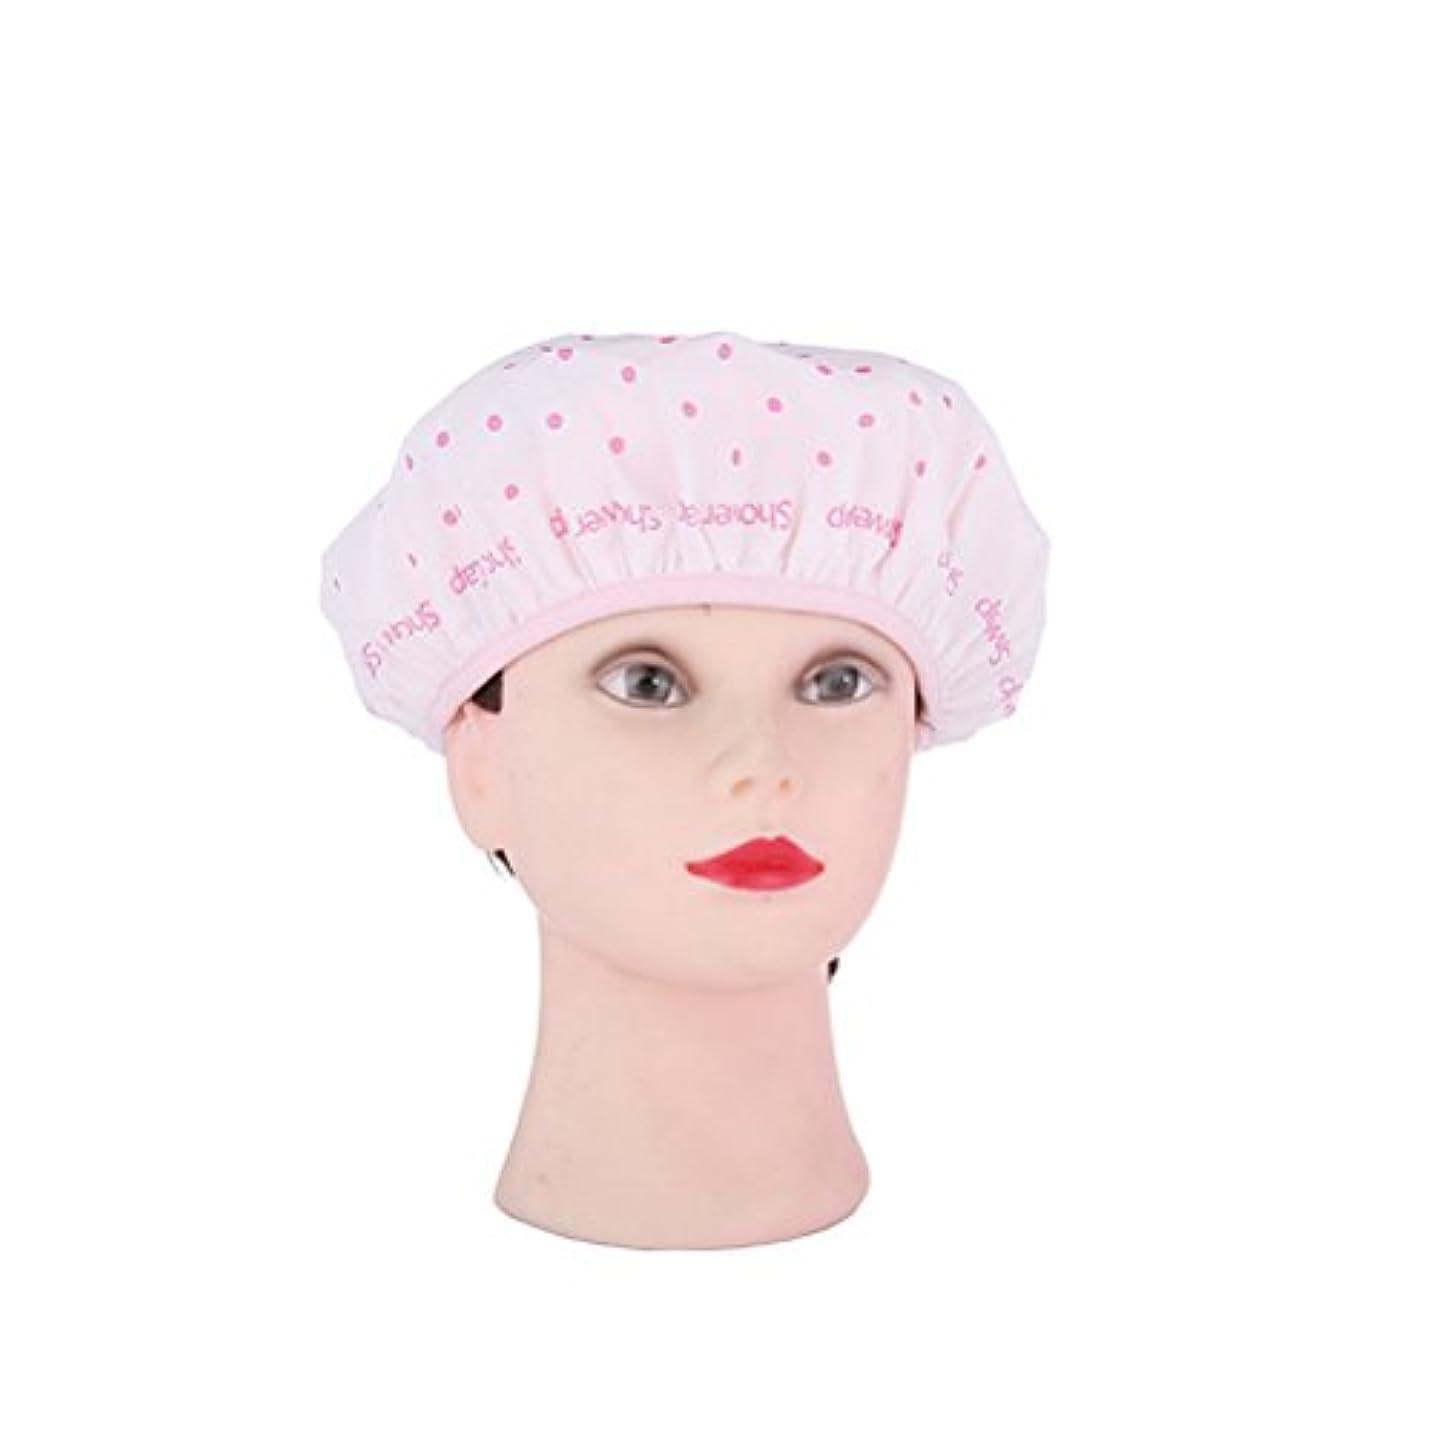 キャンペーン分割無駄なHEALLILY シャワーの帽子女性の子供のための防水シャワーの帽子のBathのシャワーの毛の帽子